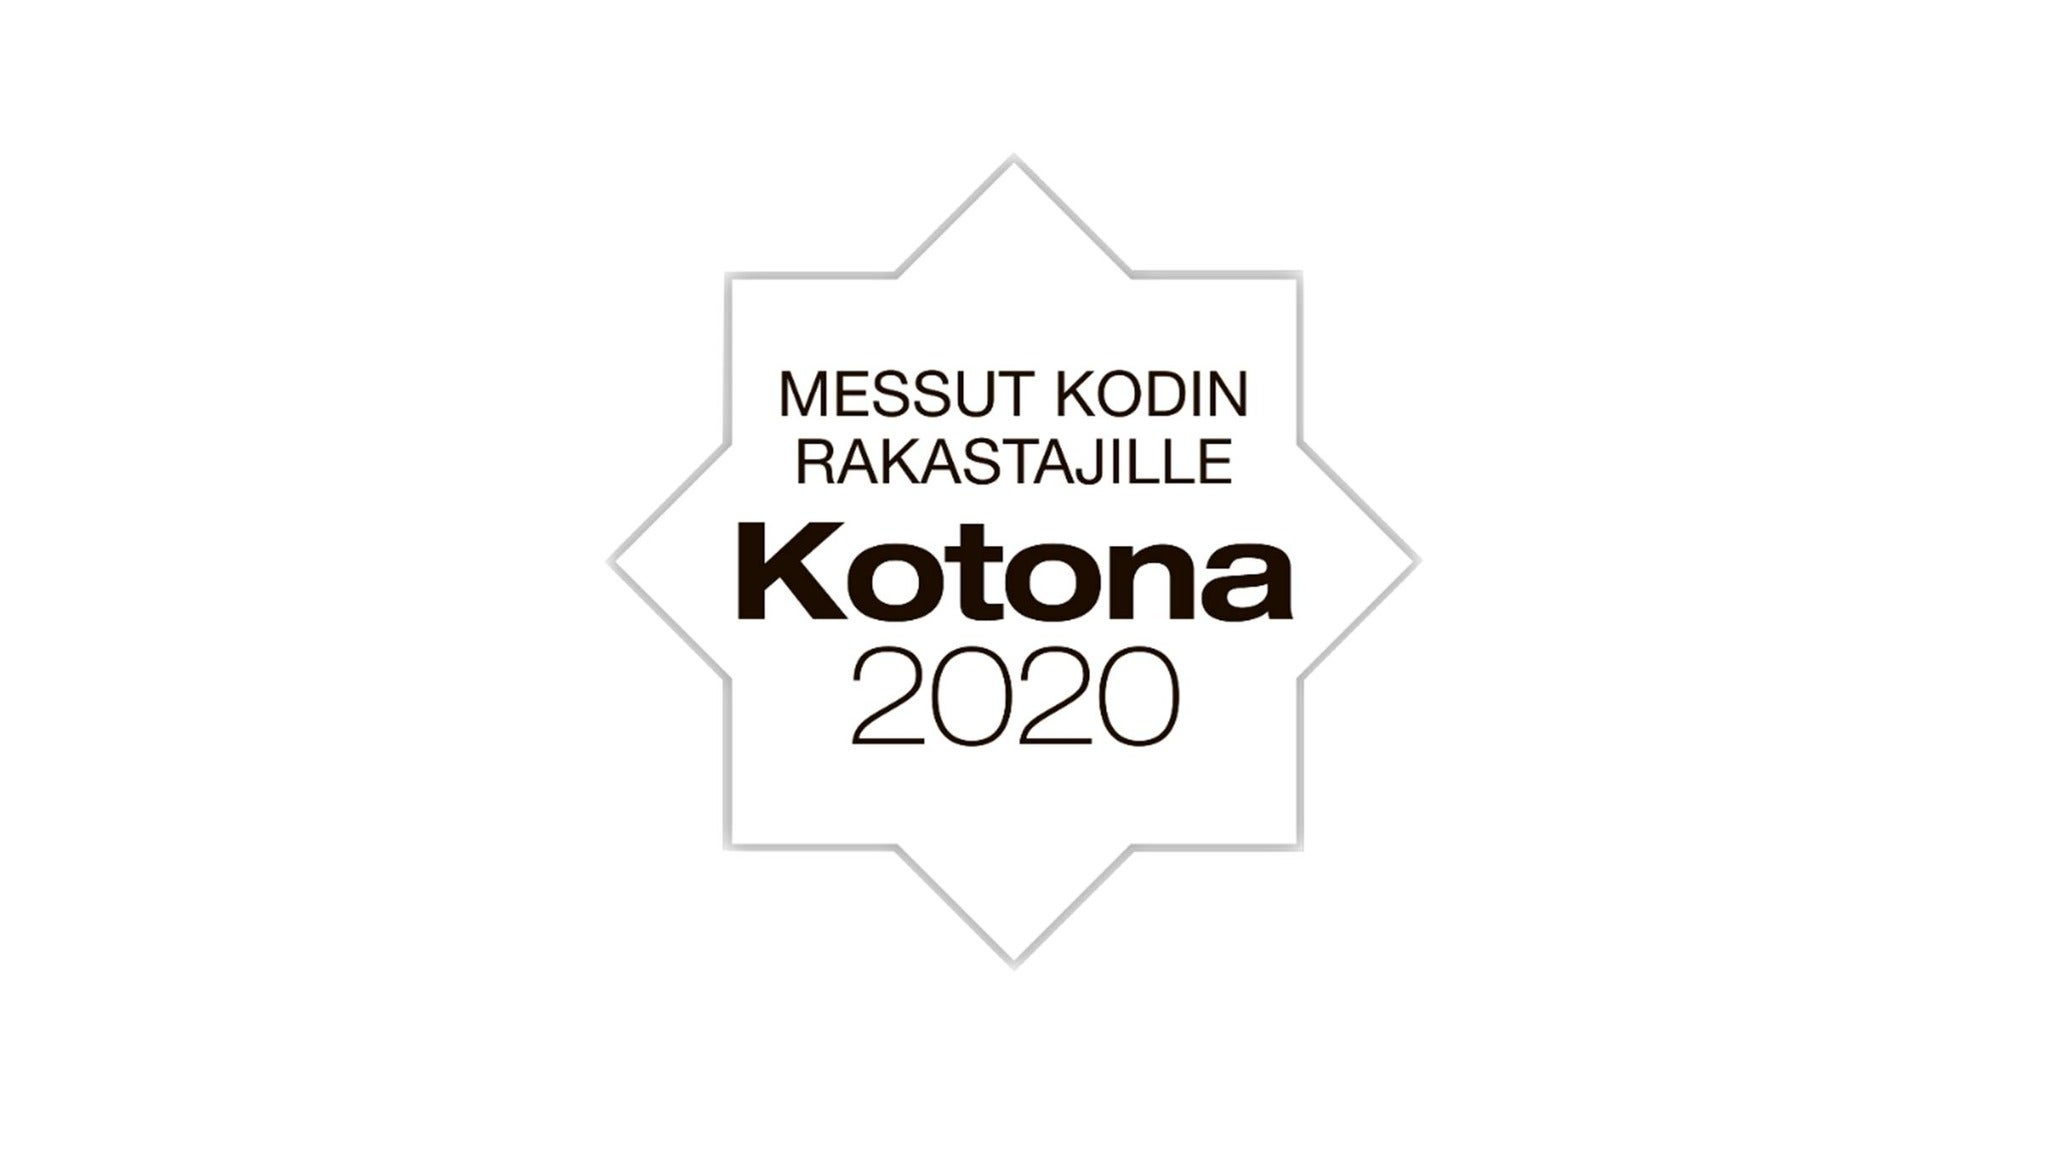 Kotona 2020